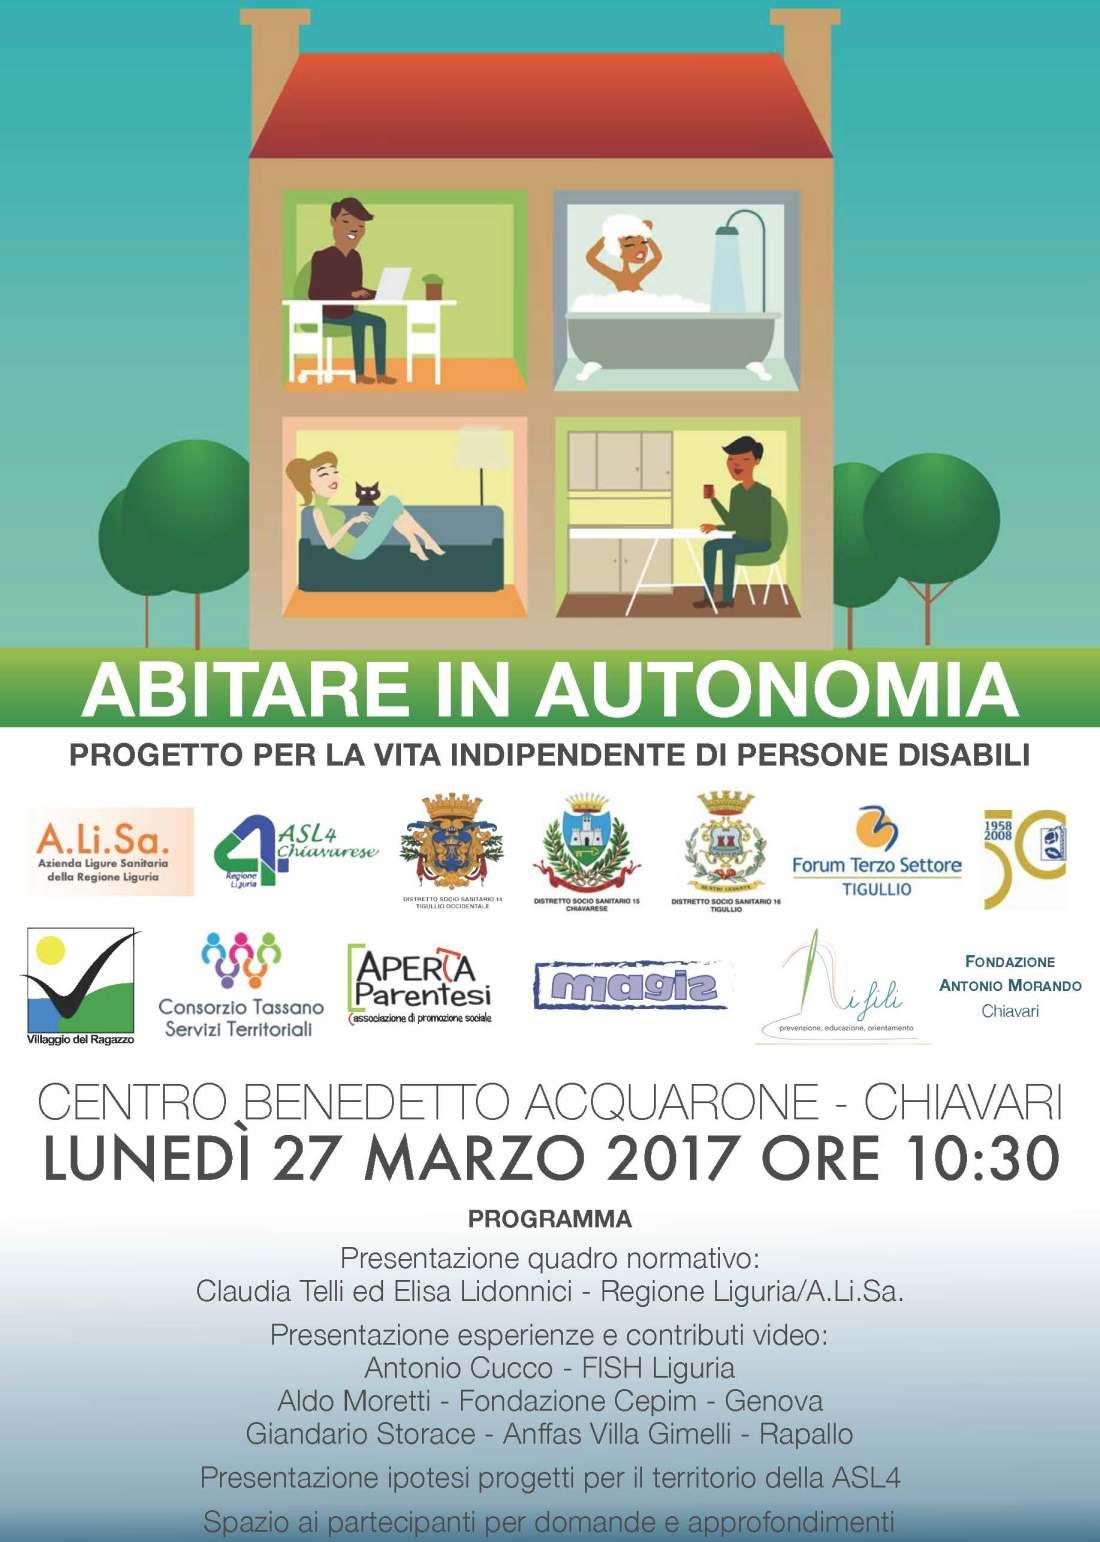 Abitare in Autonomia - Progetto per la vita indipendente di Persone Disabili - locandina